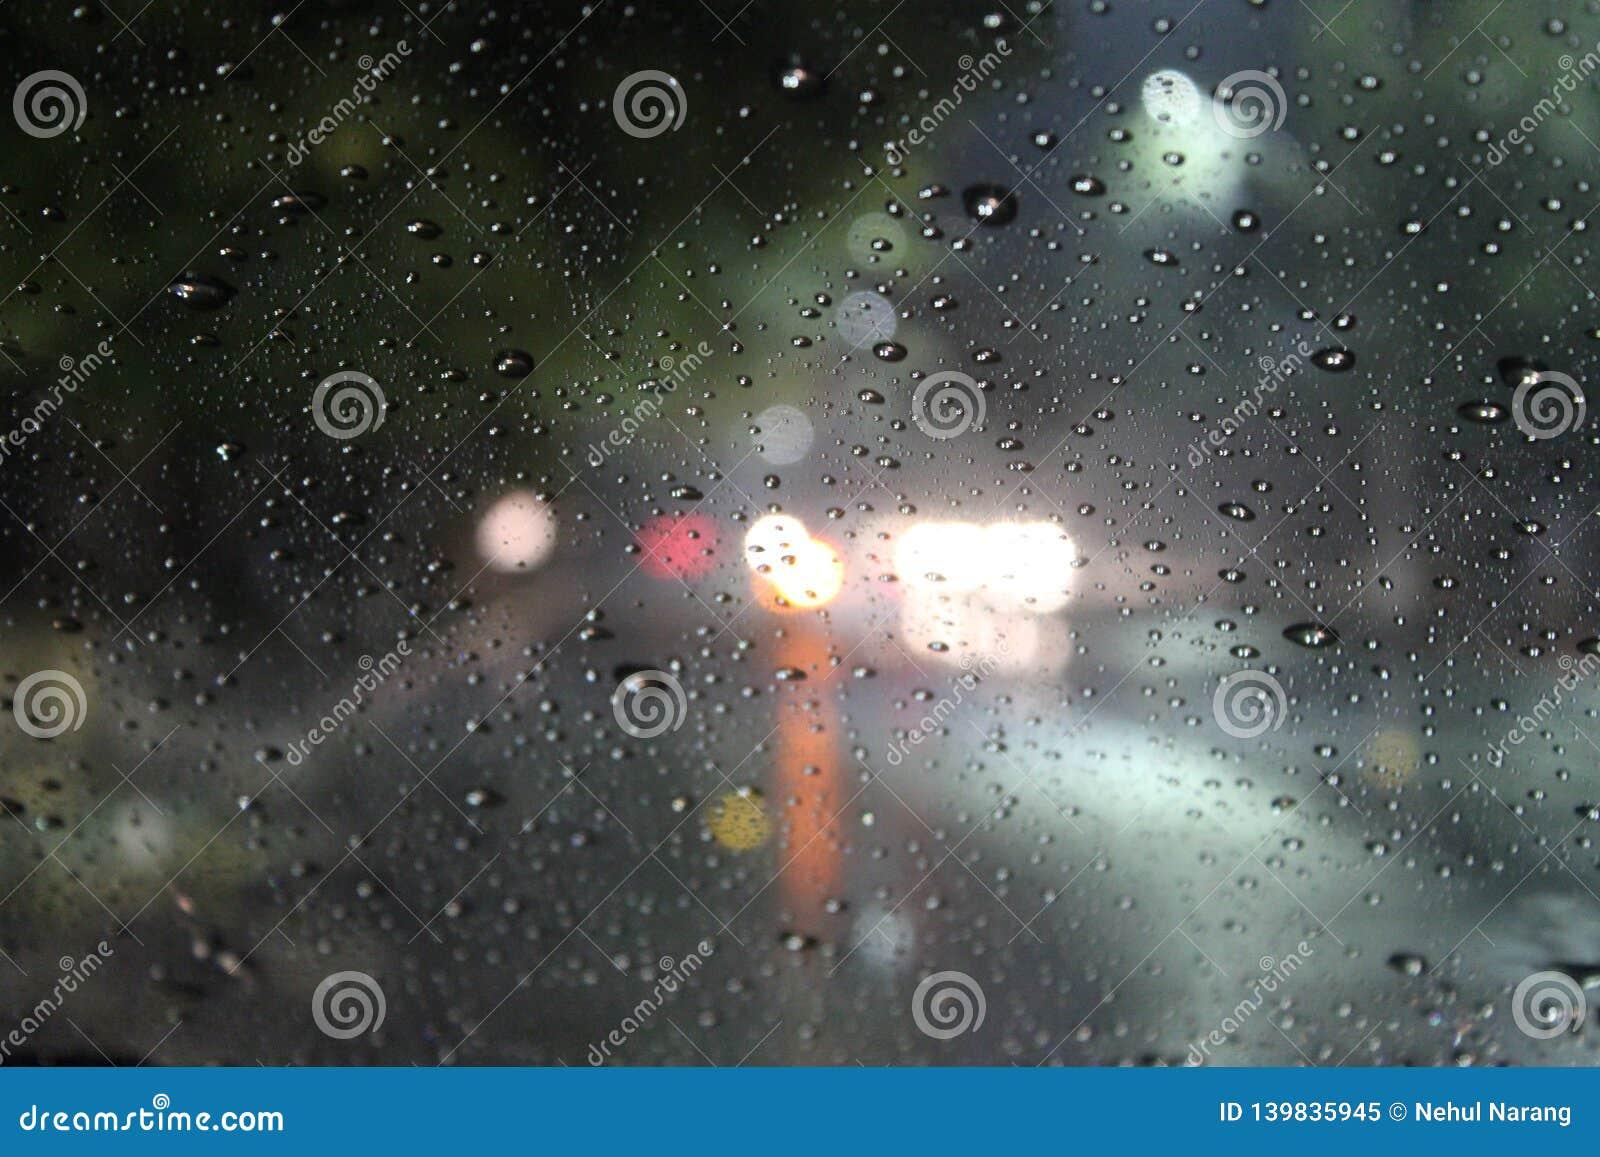 Goccioline di acqua su una finestra di vetro su una notte piovosa perfetta per le citazioni